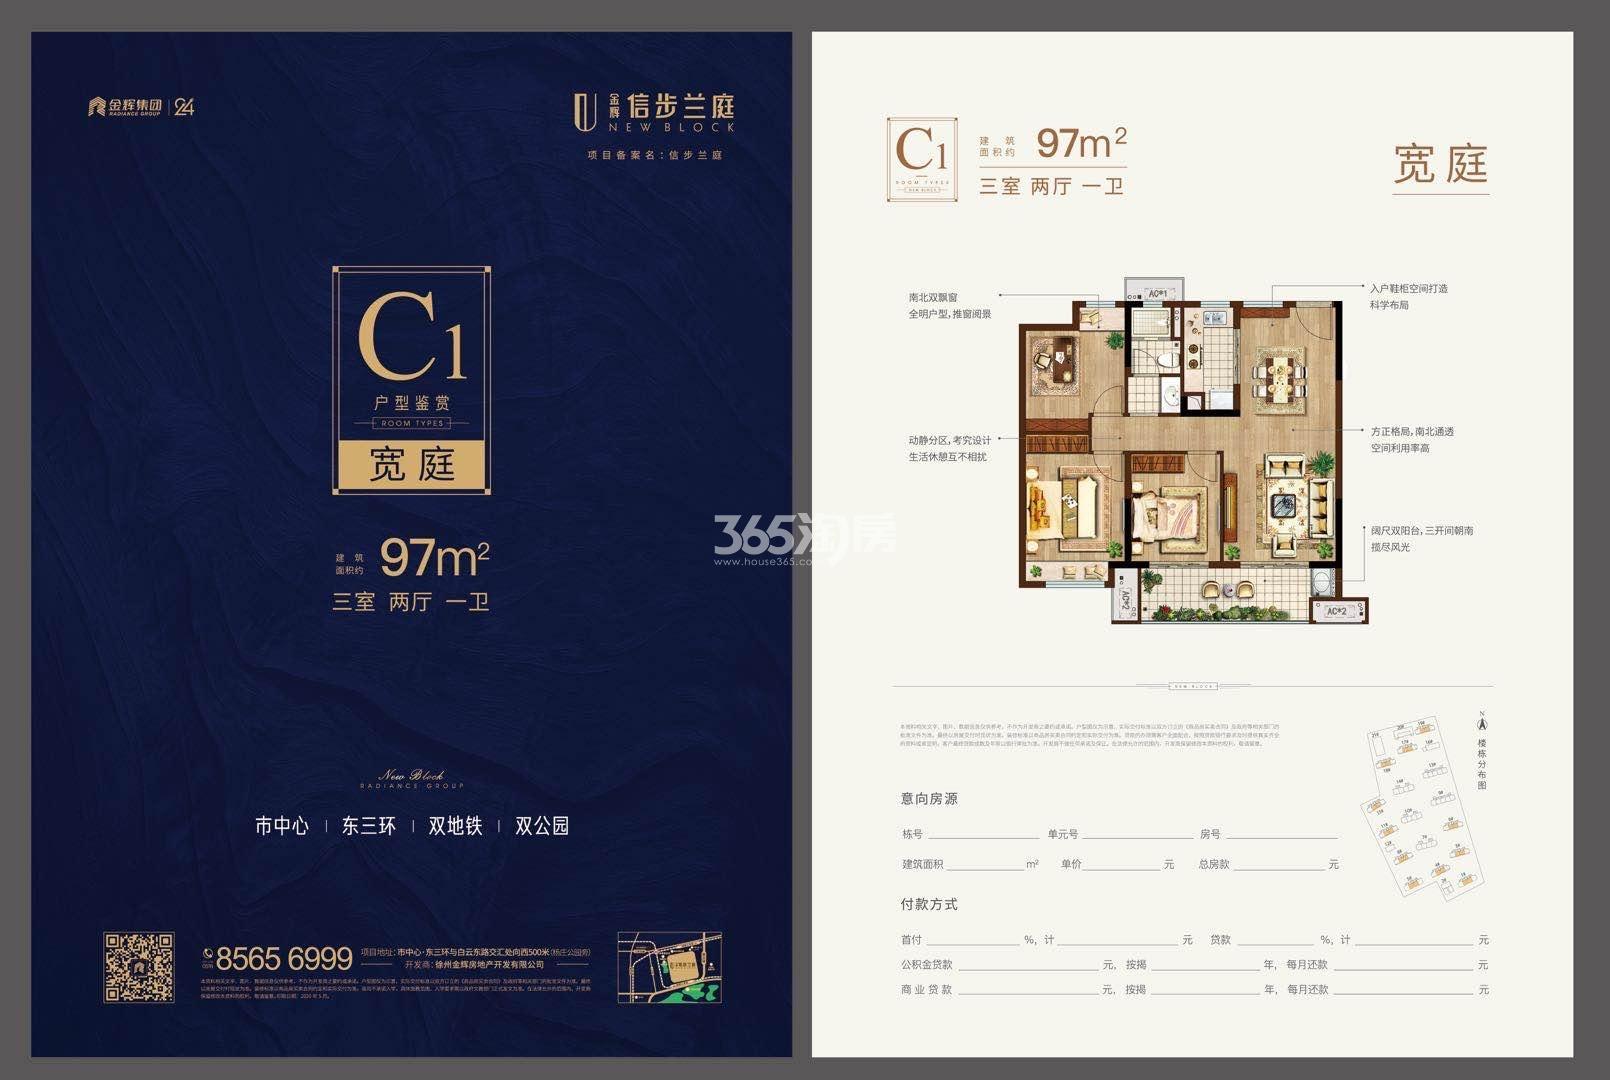 金辉信步兰庭C1户型97平米三室两厅一卫